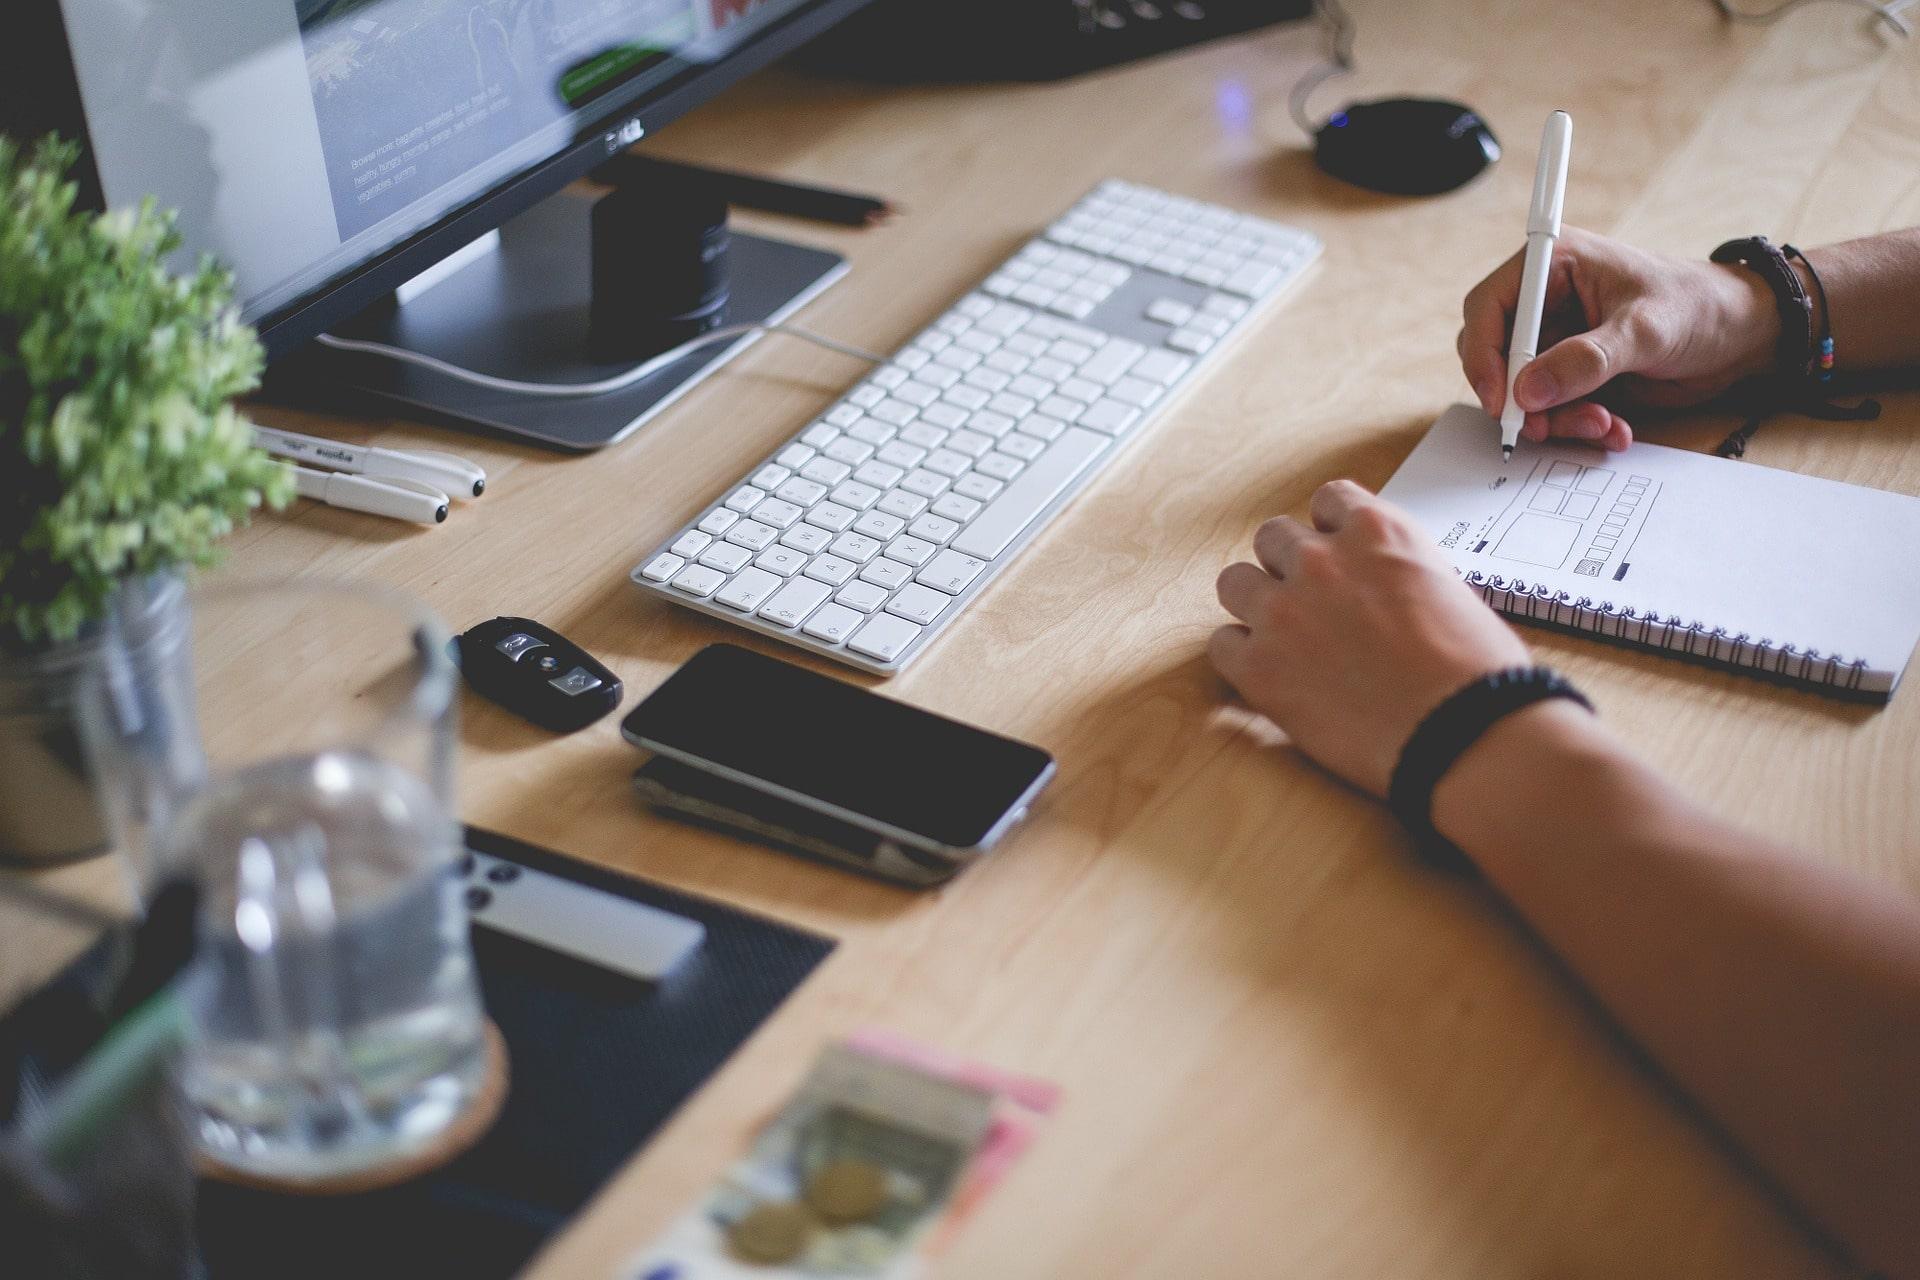 CDServices secrétariat freelance accompagne les entreprises et les particuliers